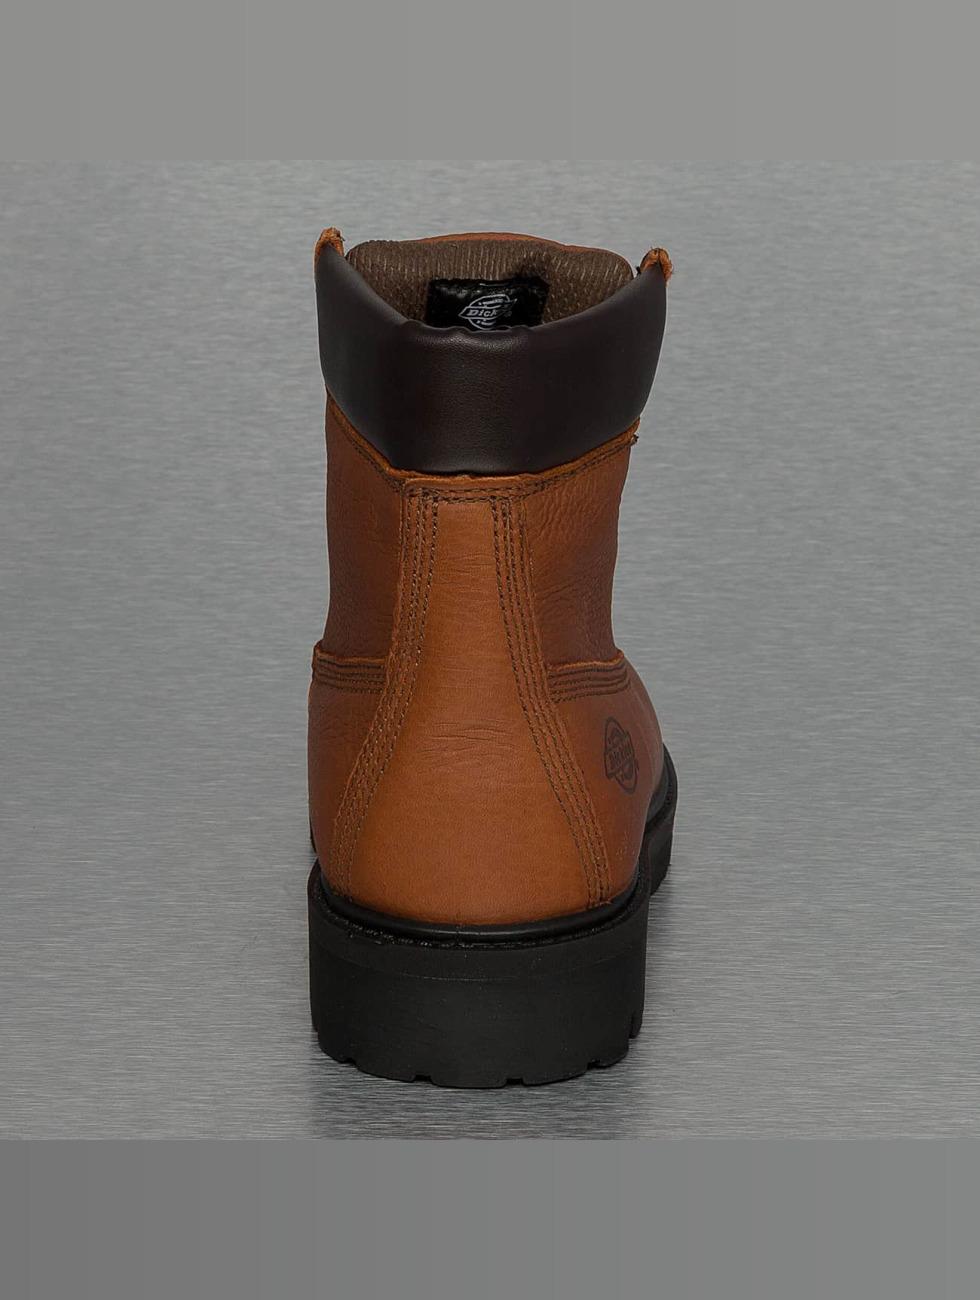 Dickies Schoen / Støvler South Dakota I Bruin 267358 Salg Billigste Beste Kjøp Kjøpe Billig Engros-Pris Valget Salg På Nettet Billige Nettsteder 9Zfa5k